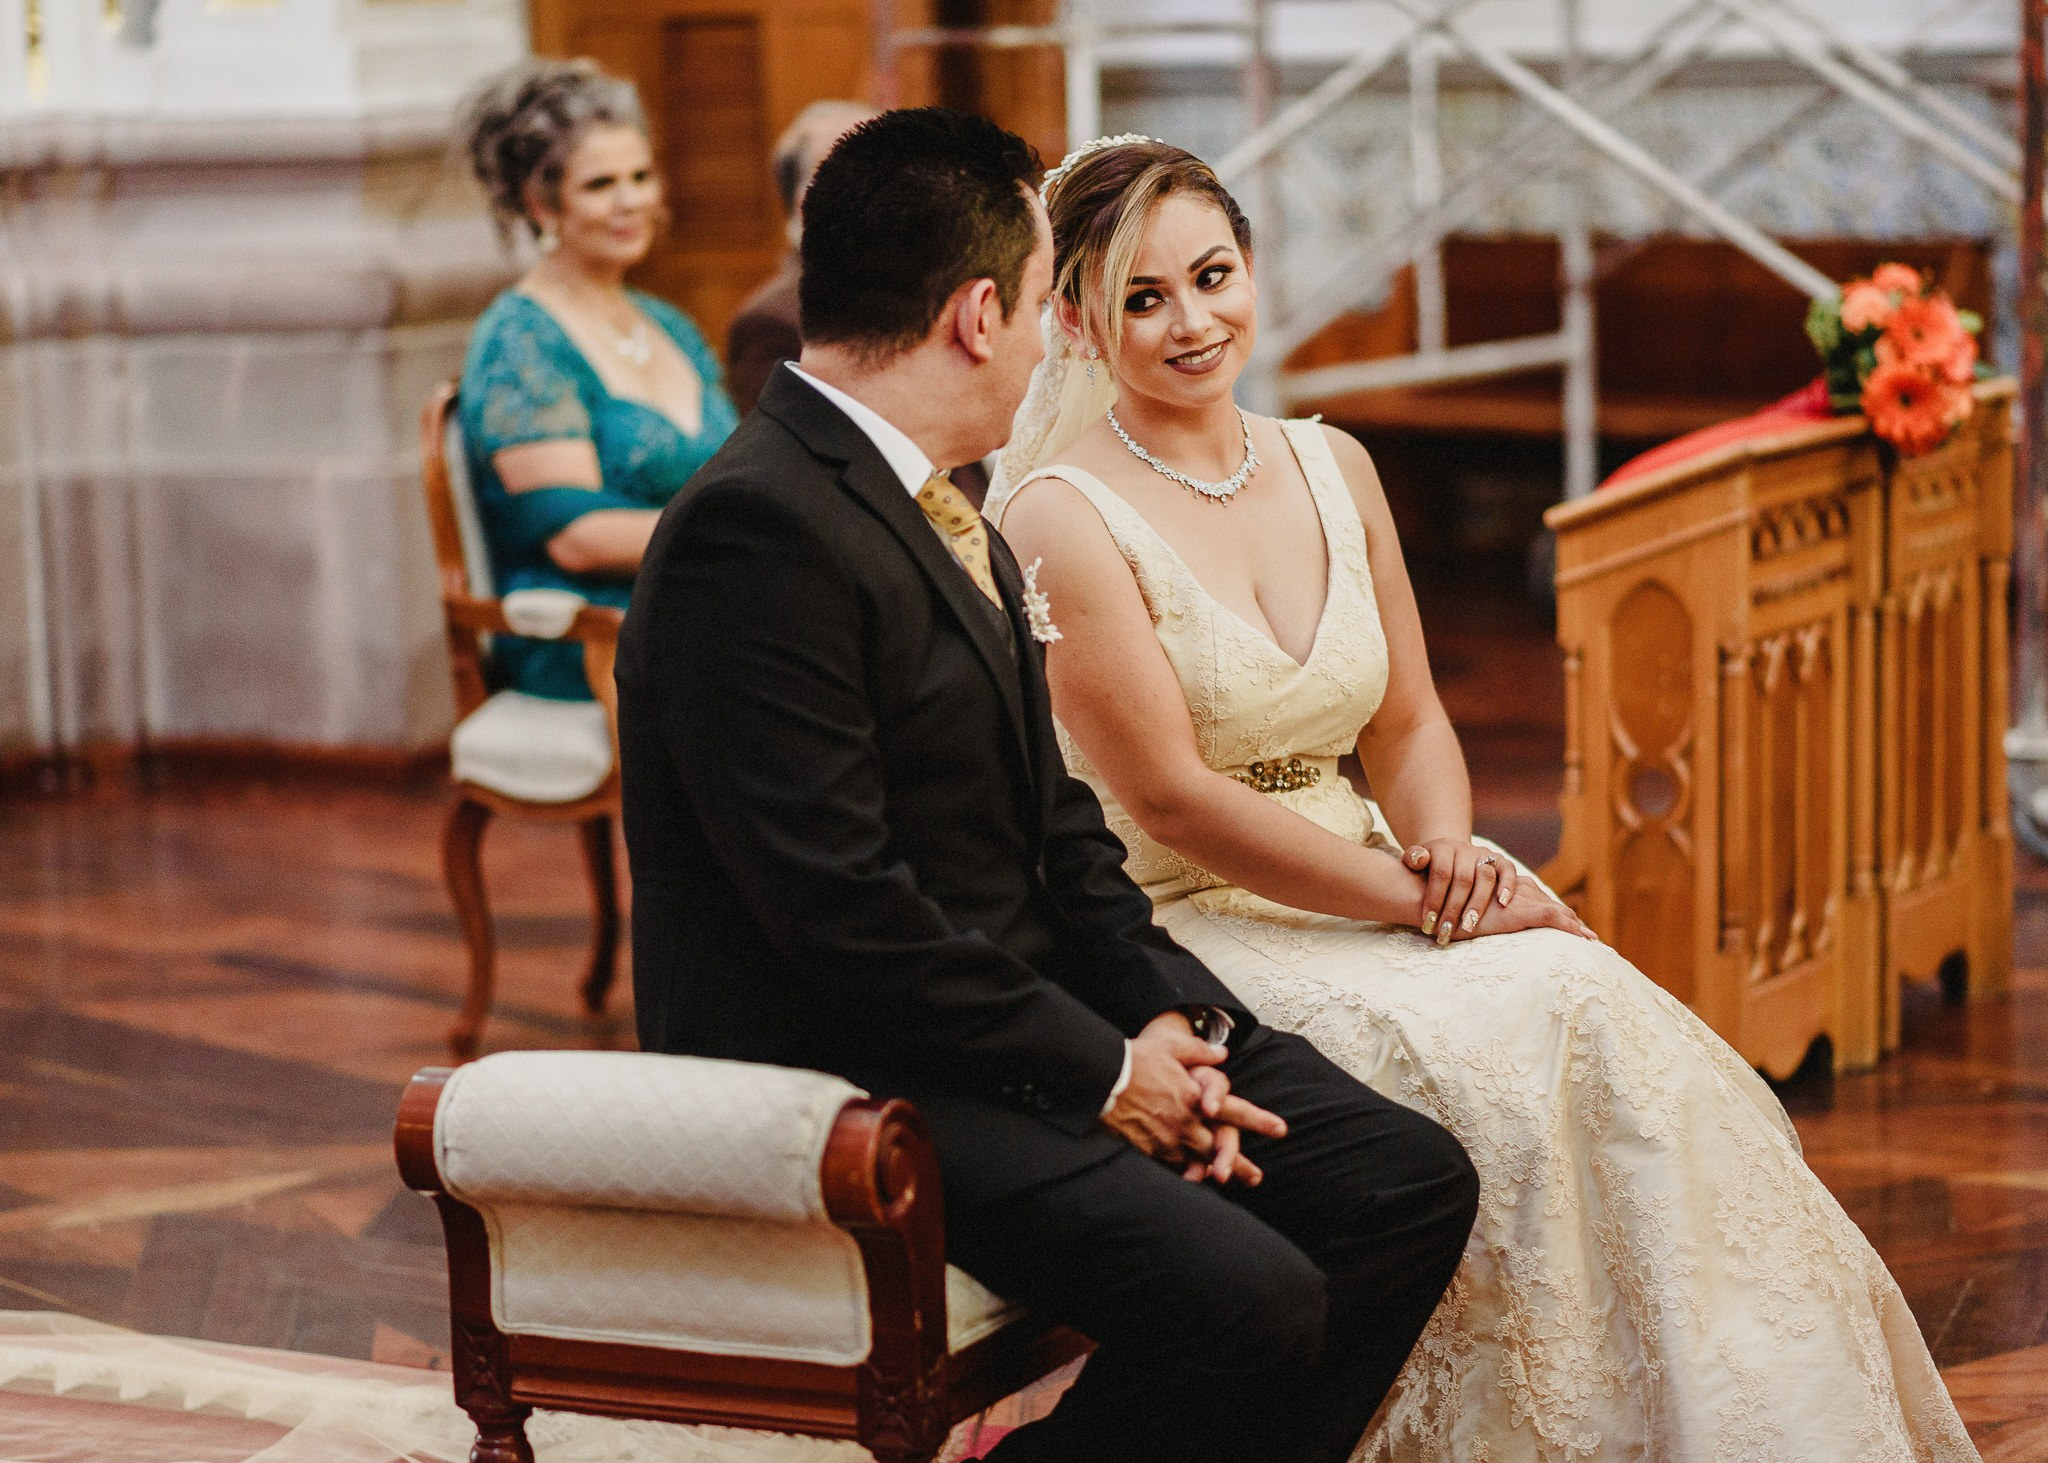 02boda-wedding-ceremonia-templo-barrio-del-encino-aguascalientes-fotografo-luis-houdin51